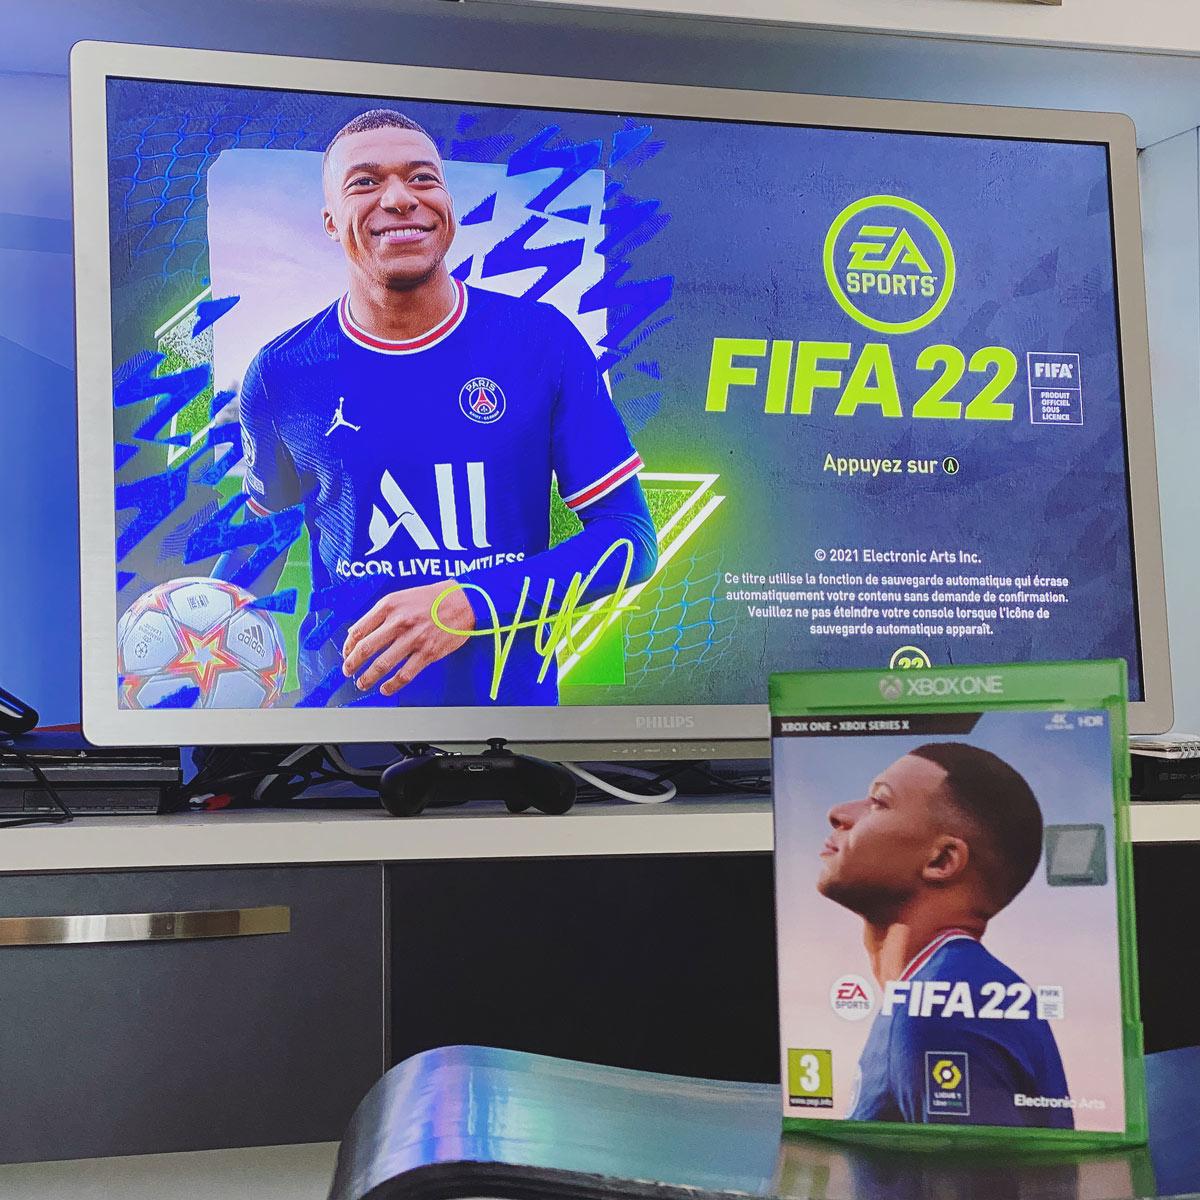 FIFA 22 est disponible dans la salle des ado - service onco hémato pédiatrique